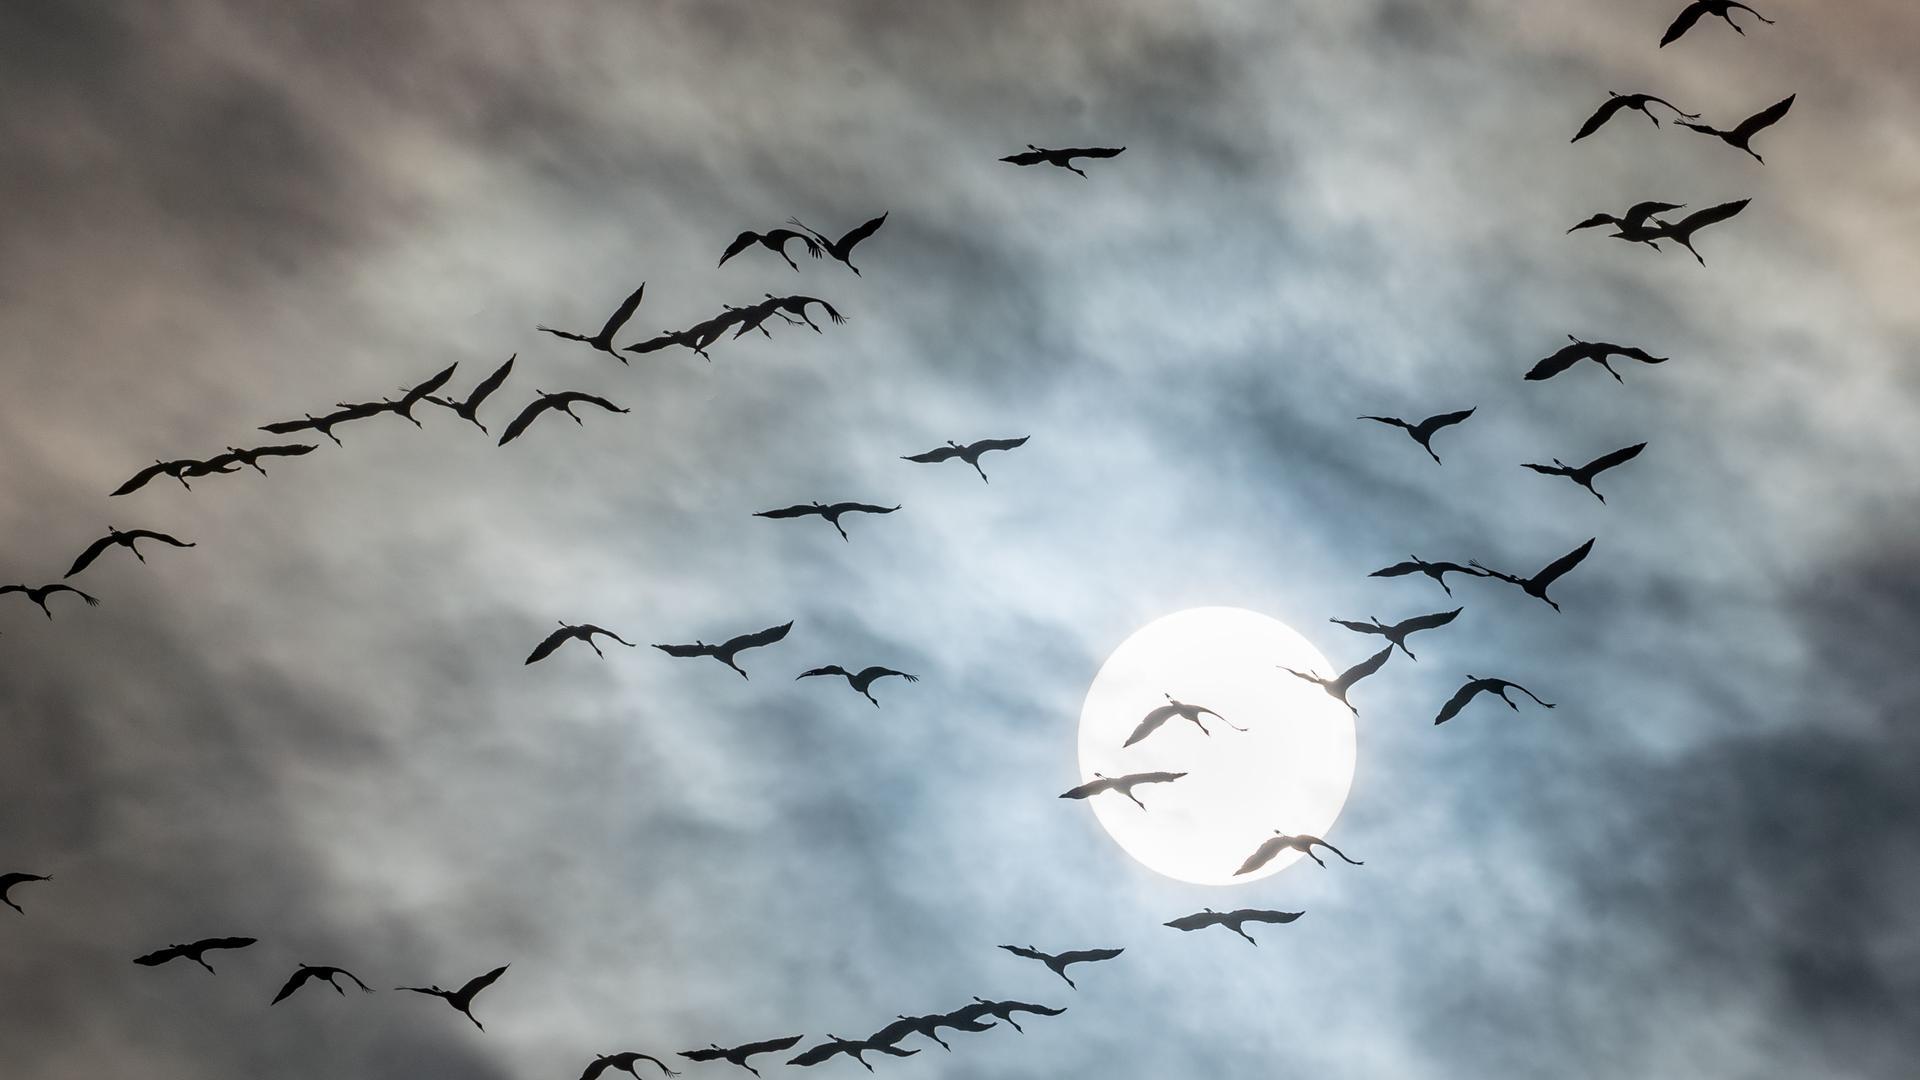 ARCHIV - 29.10.2019, Hessen, Falkenstein: Kraniche nutzen auf ihrem Weg nach Süden bei leichtbewölktem Himmel die Aufwinde am Taunusrand. (zu dpa: «Zugvögel bereits auf dem Weg in die Winterquartiere») Foto: Frank Rumpenhorst/dpa +++ dpa-Bildfunk +++ | Verwendung weltweit